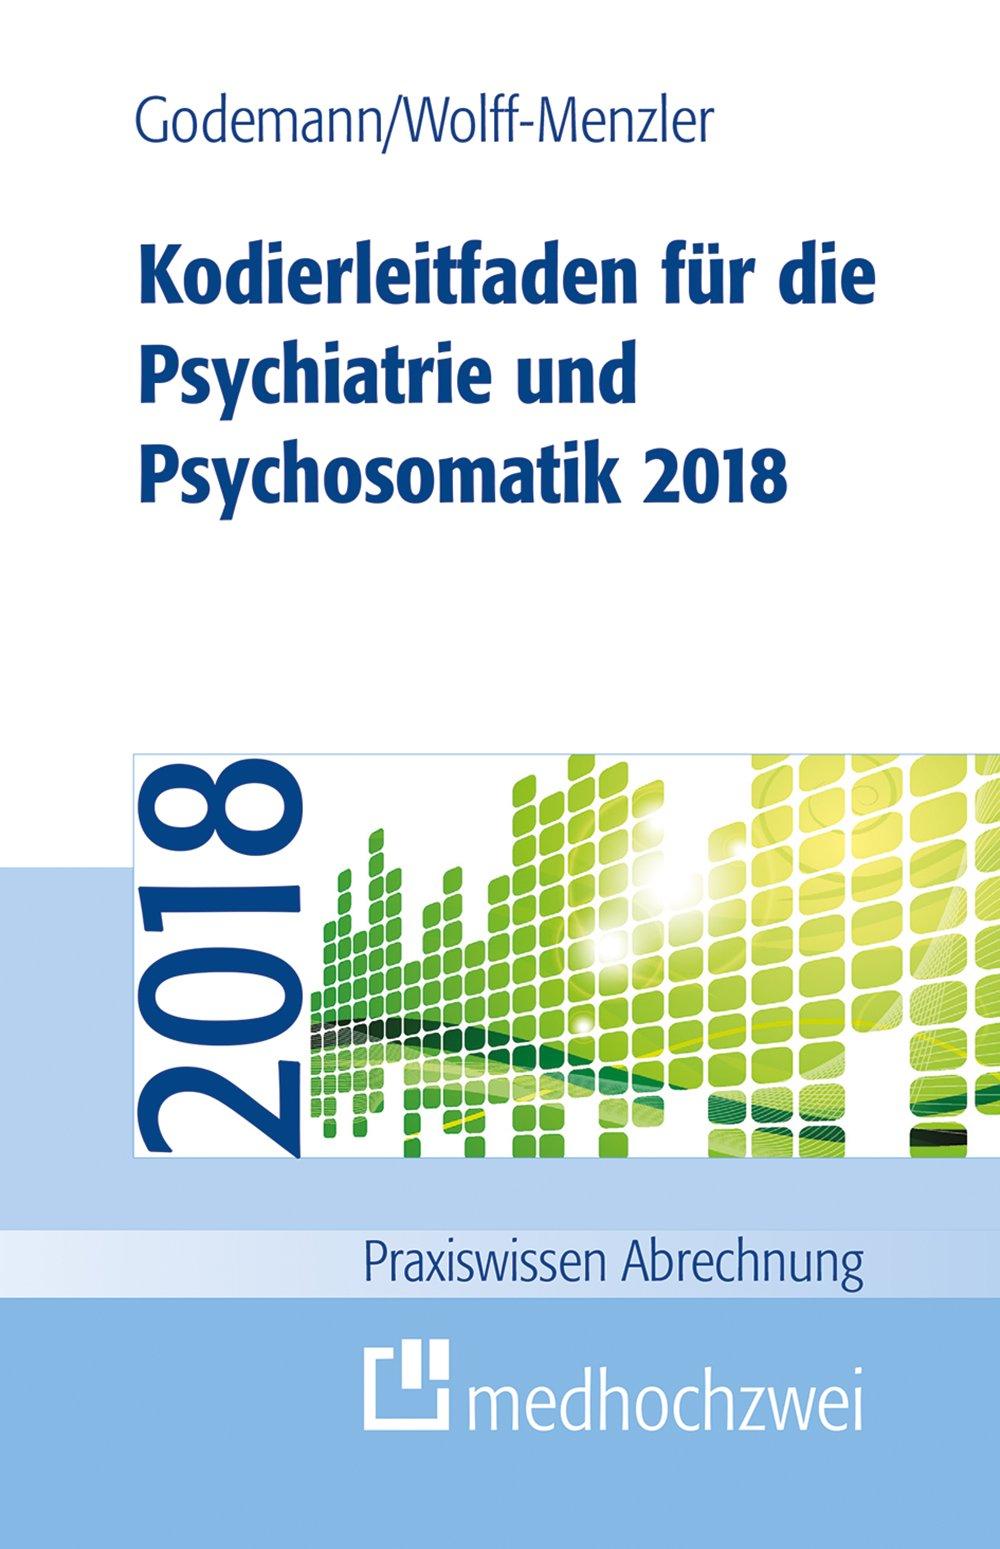 Kodierleitfaden für die Psychiatrie und Psychosomatik 2018 (Praxiswissen Abrechnung) Taschenbuch – 24. Januar 2018 Frank Godemann Claus Wolff-Menzler medhochzwei 3862163814